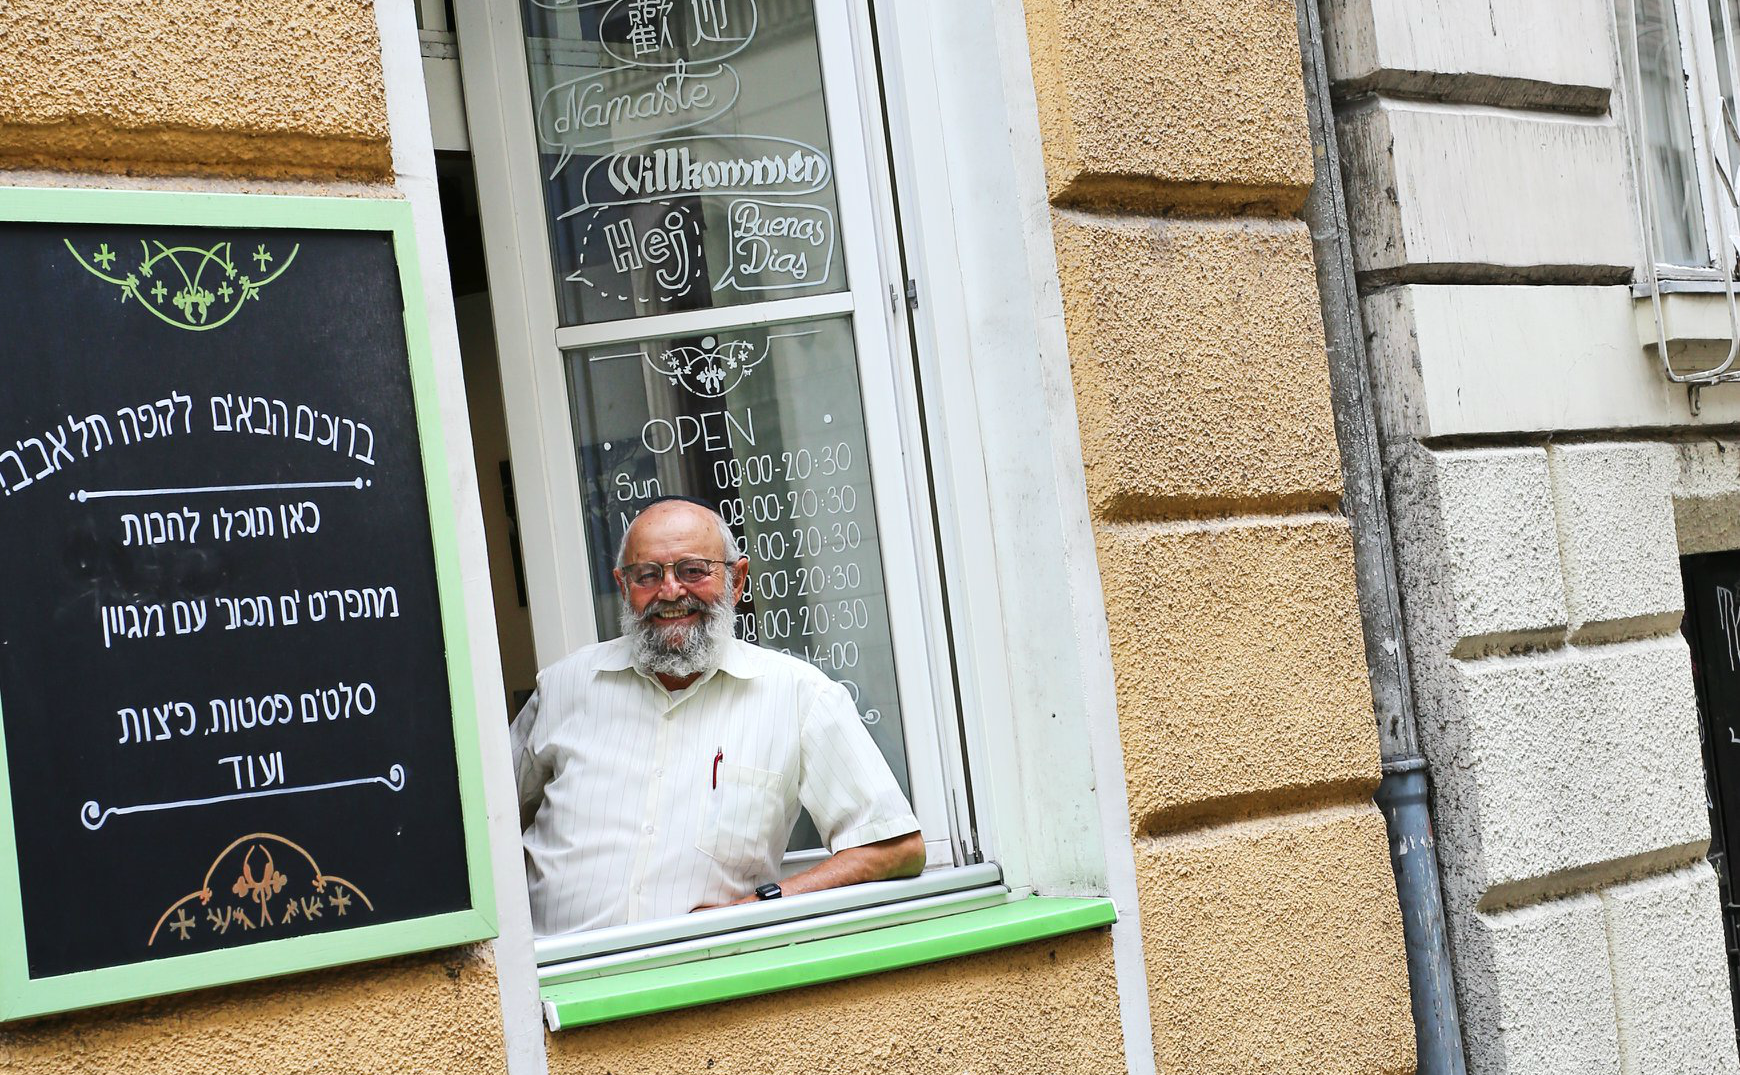 מסעדות כשרות בבודפשט - קפה תל אביב